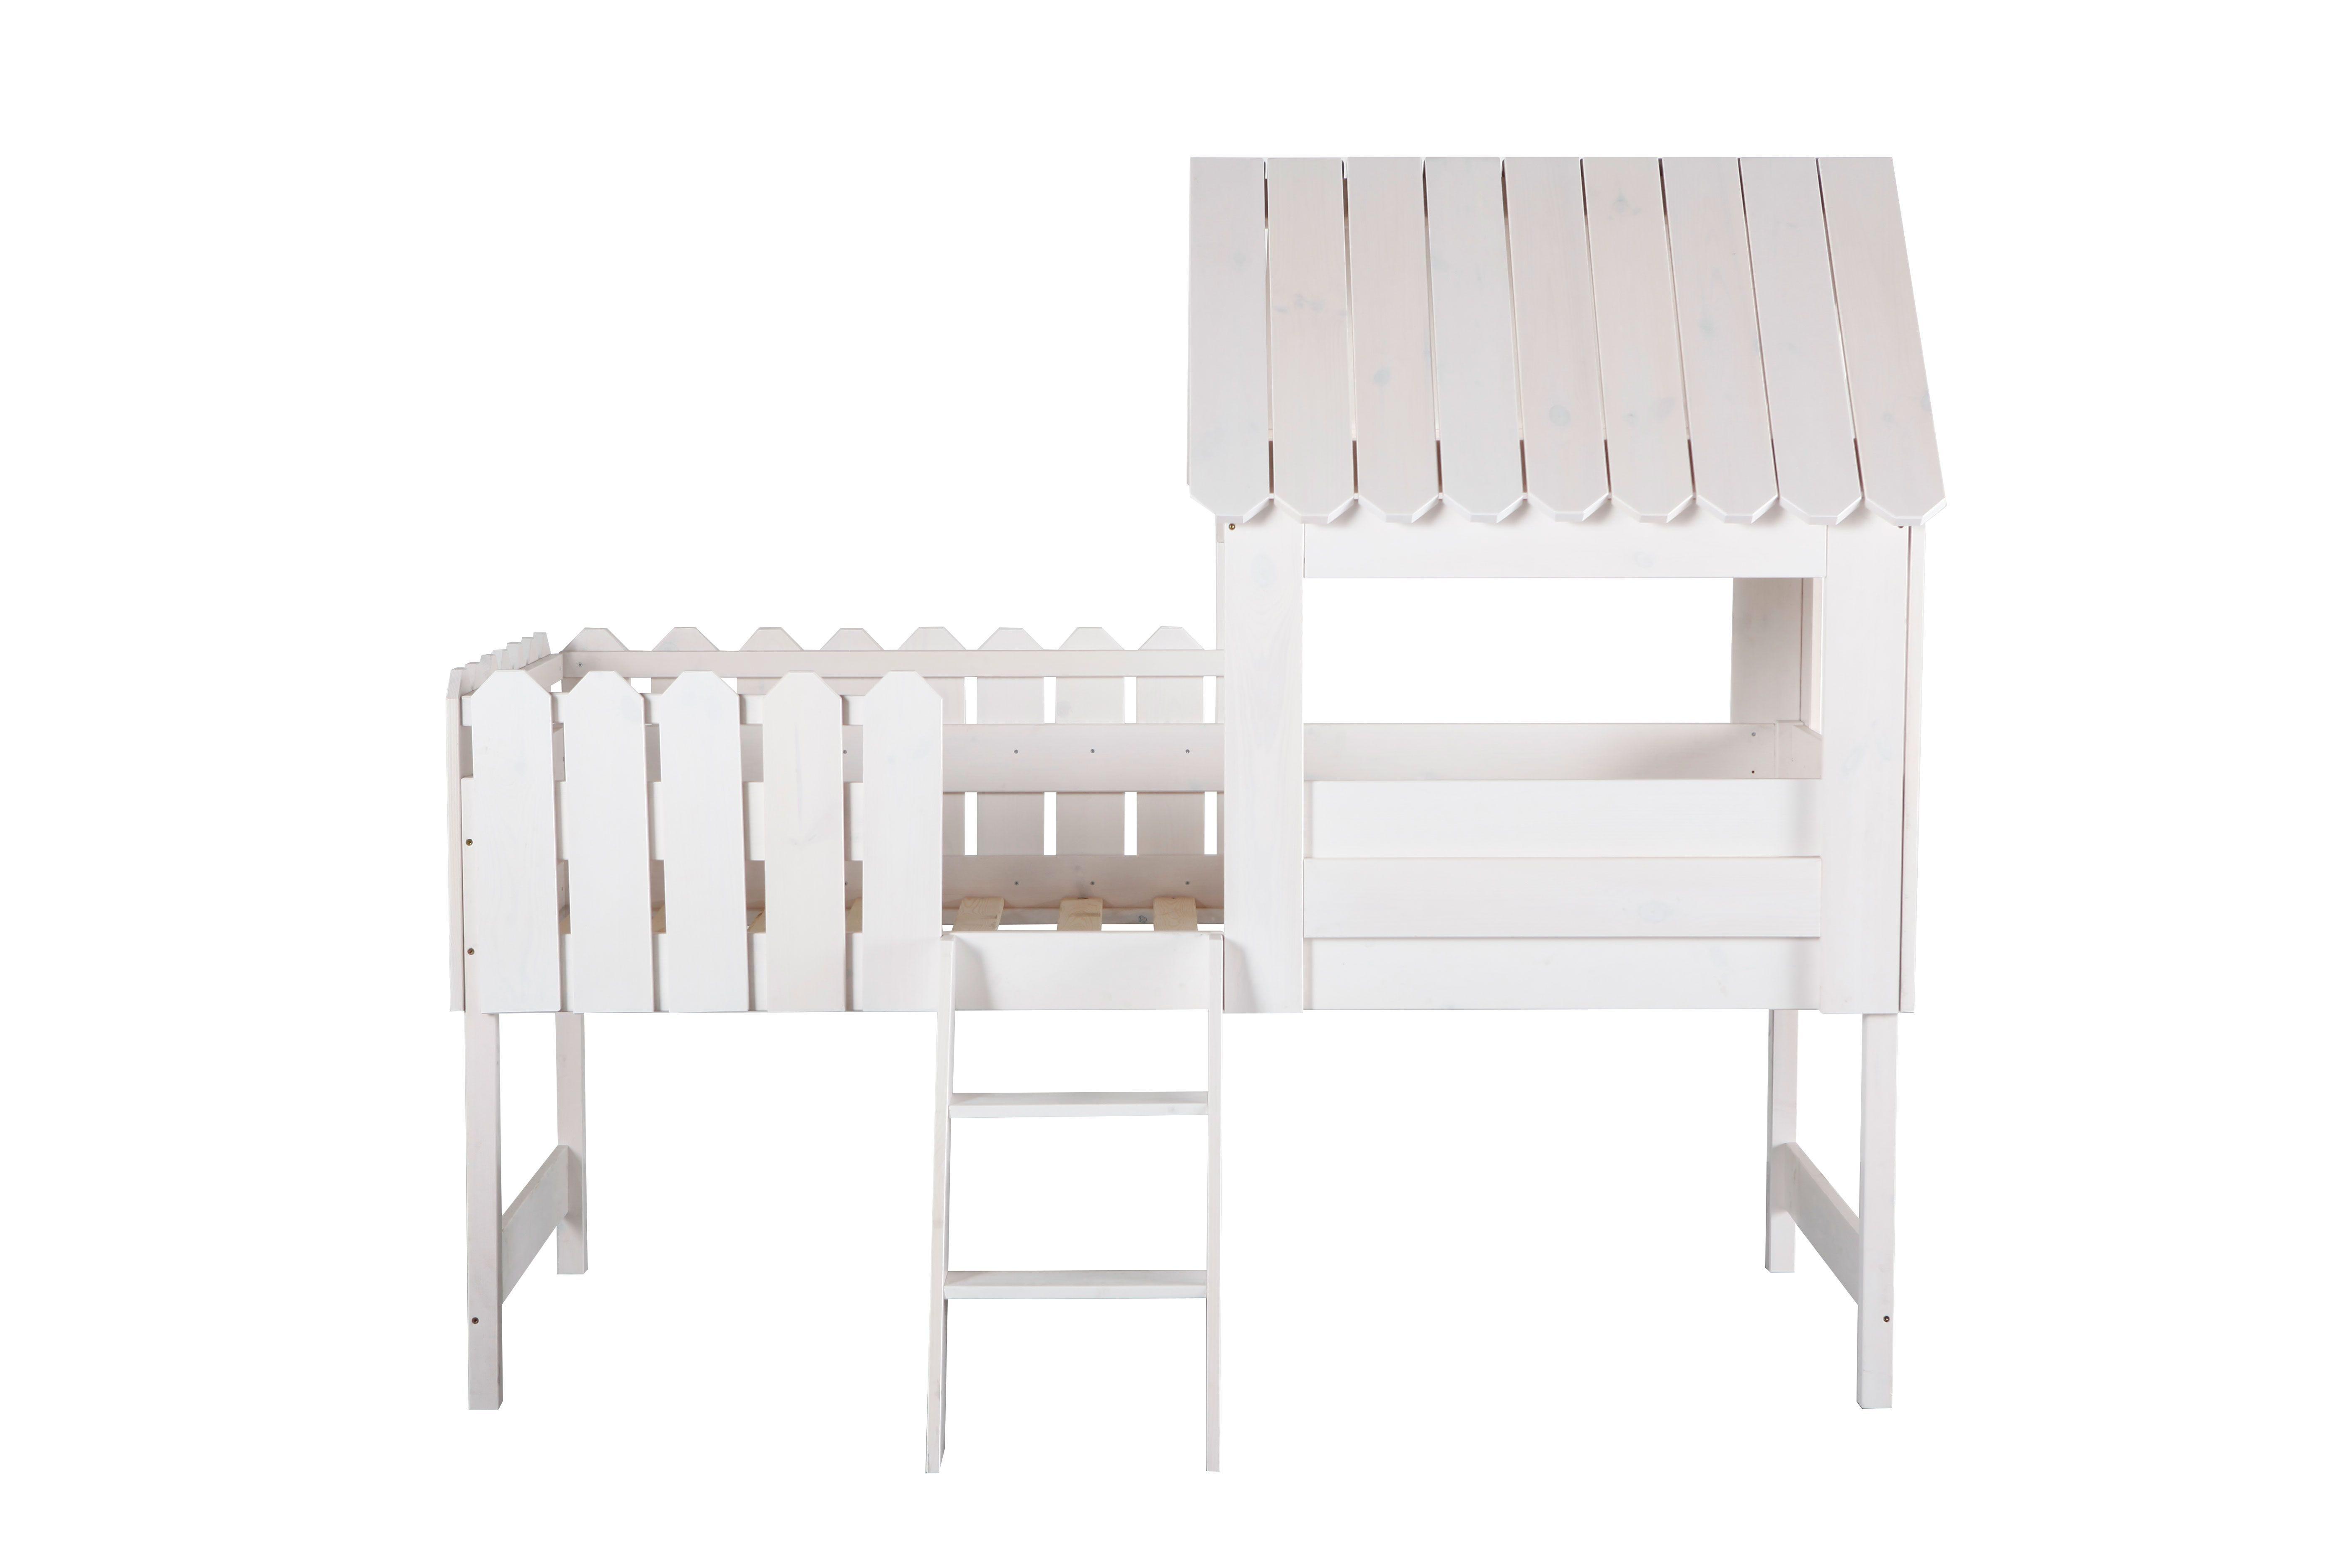 Lit Enfant Tente Meilleur De Lit Cabane Enfant Blanc Little House Zoom